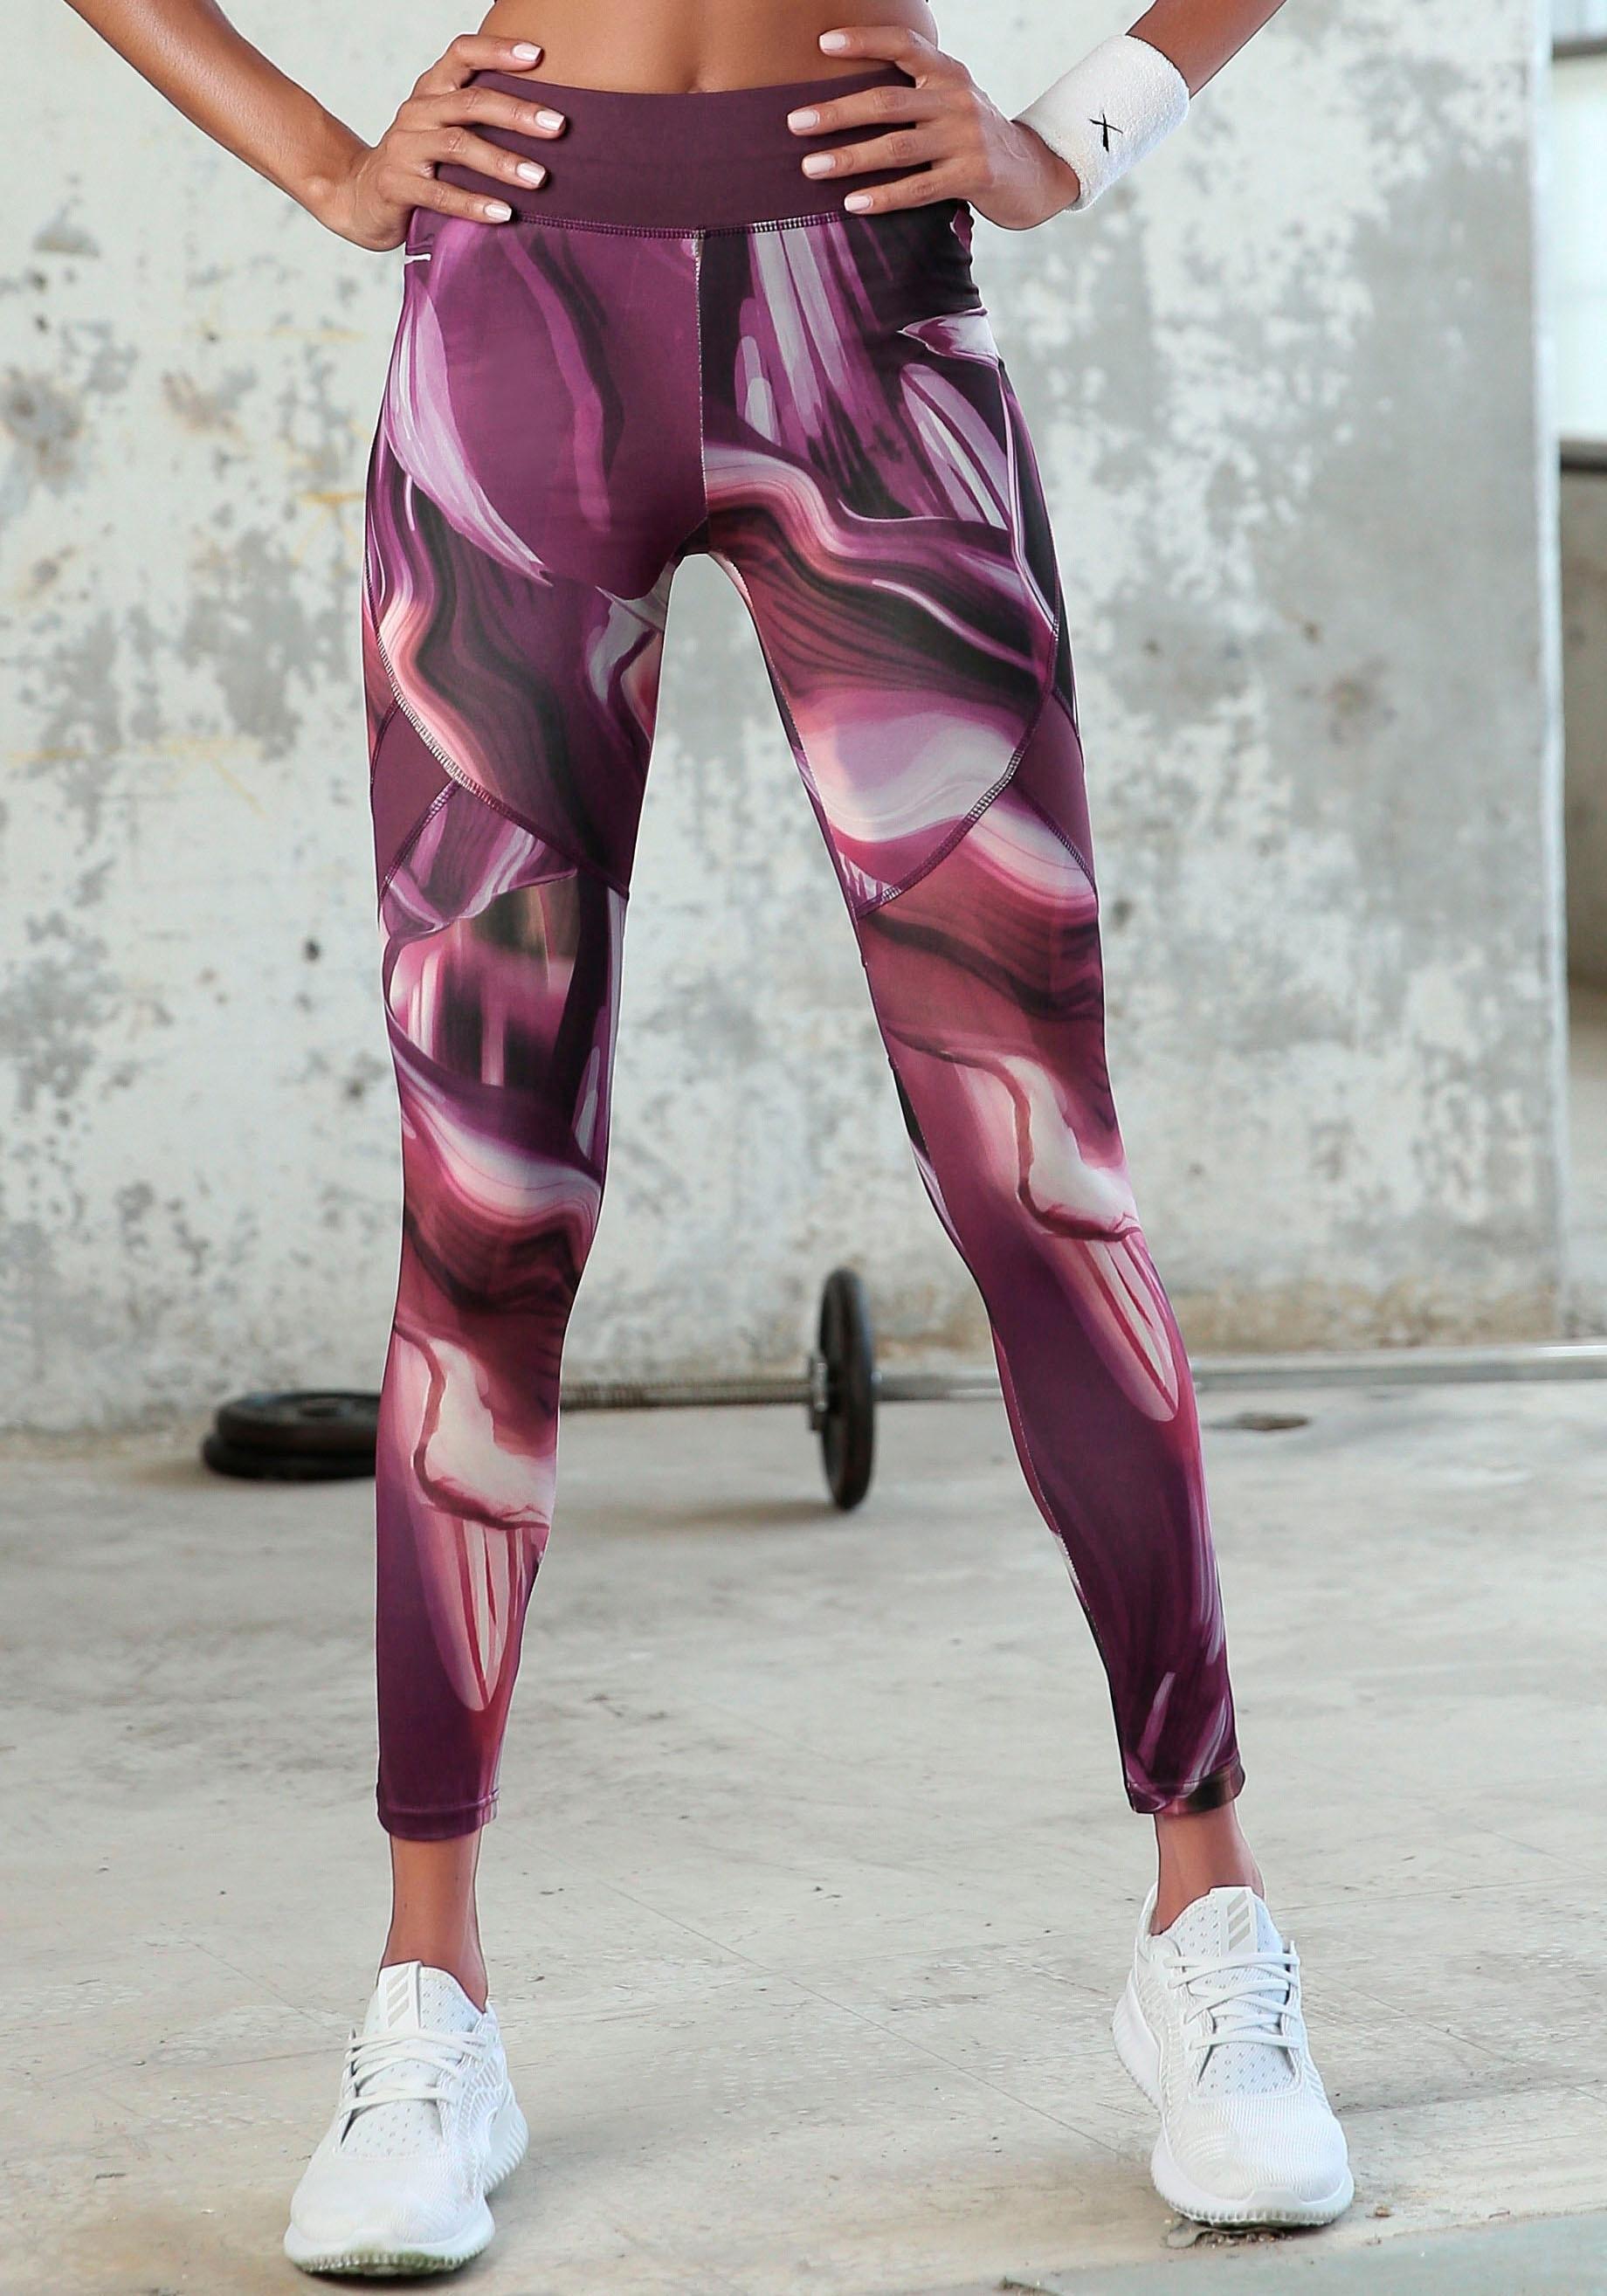 LASCANA active by LASCANA performance-legging met een brede band bestellen: 14 dagen bedenktijd